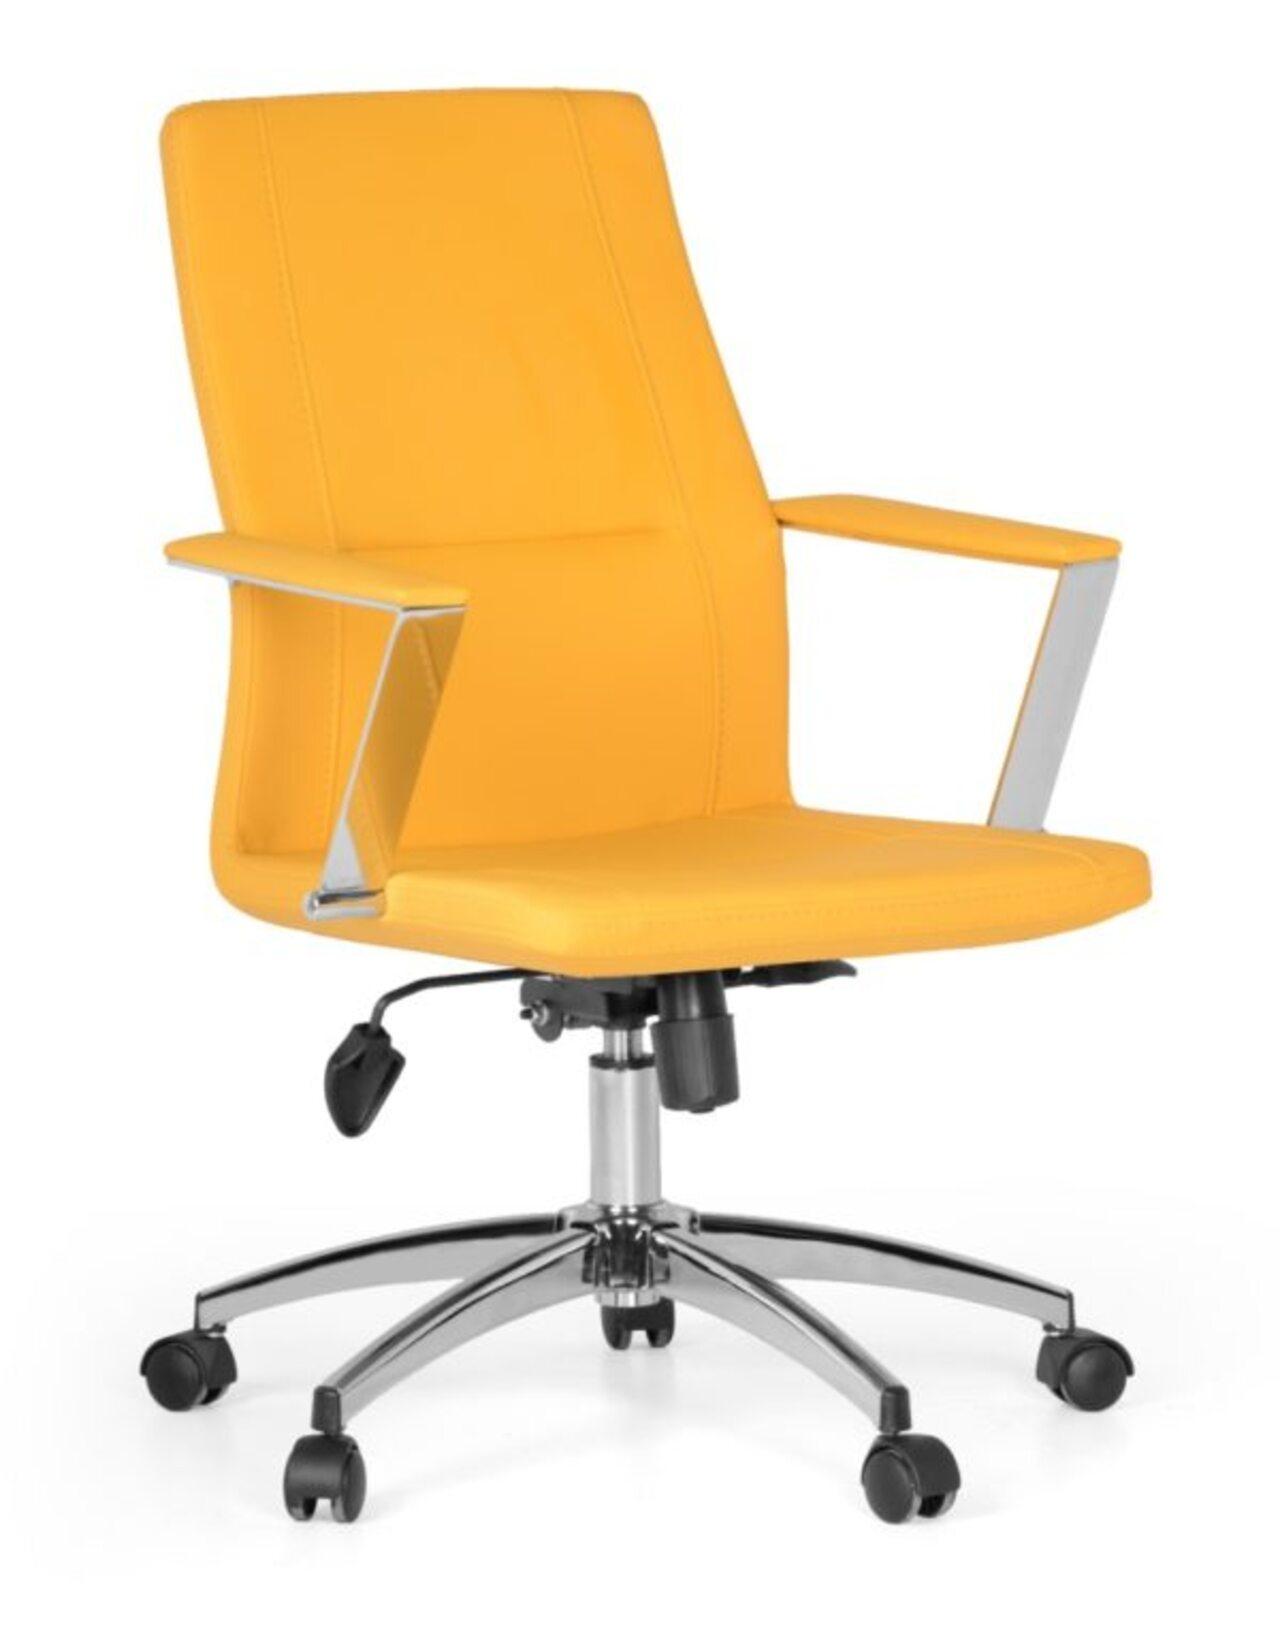 Кресло для персонала Леон ЛН-02 - фото 1